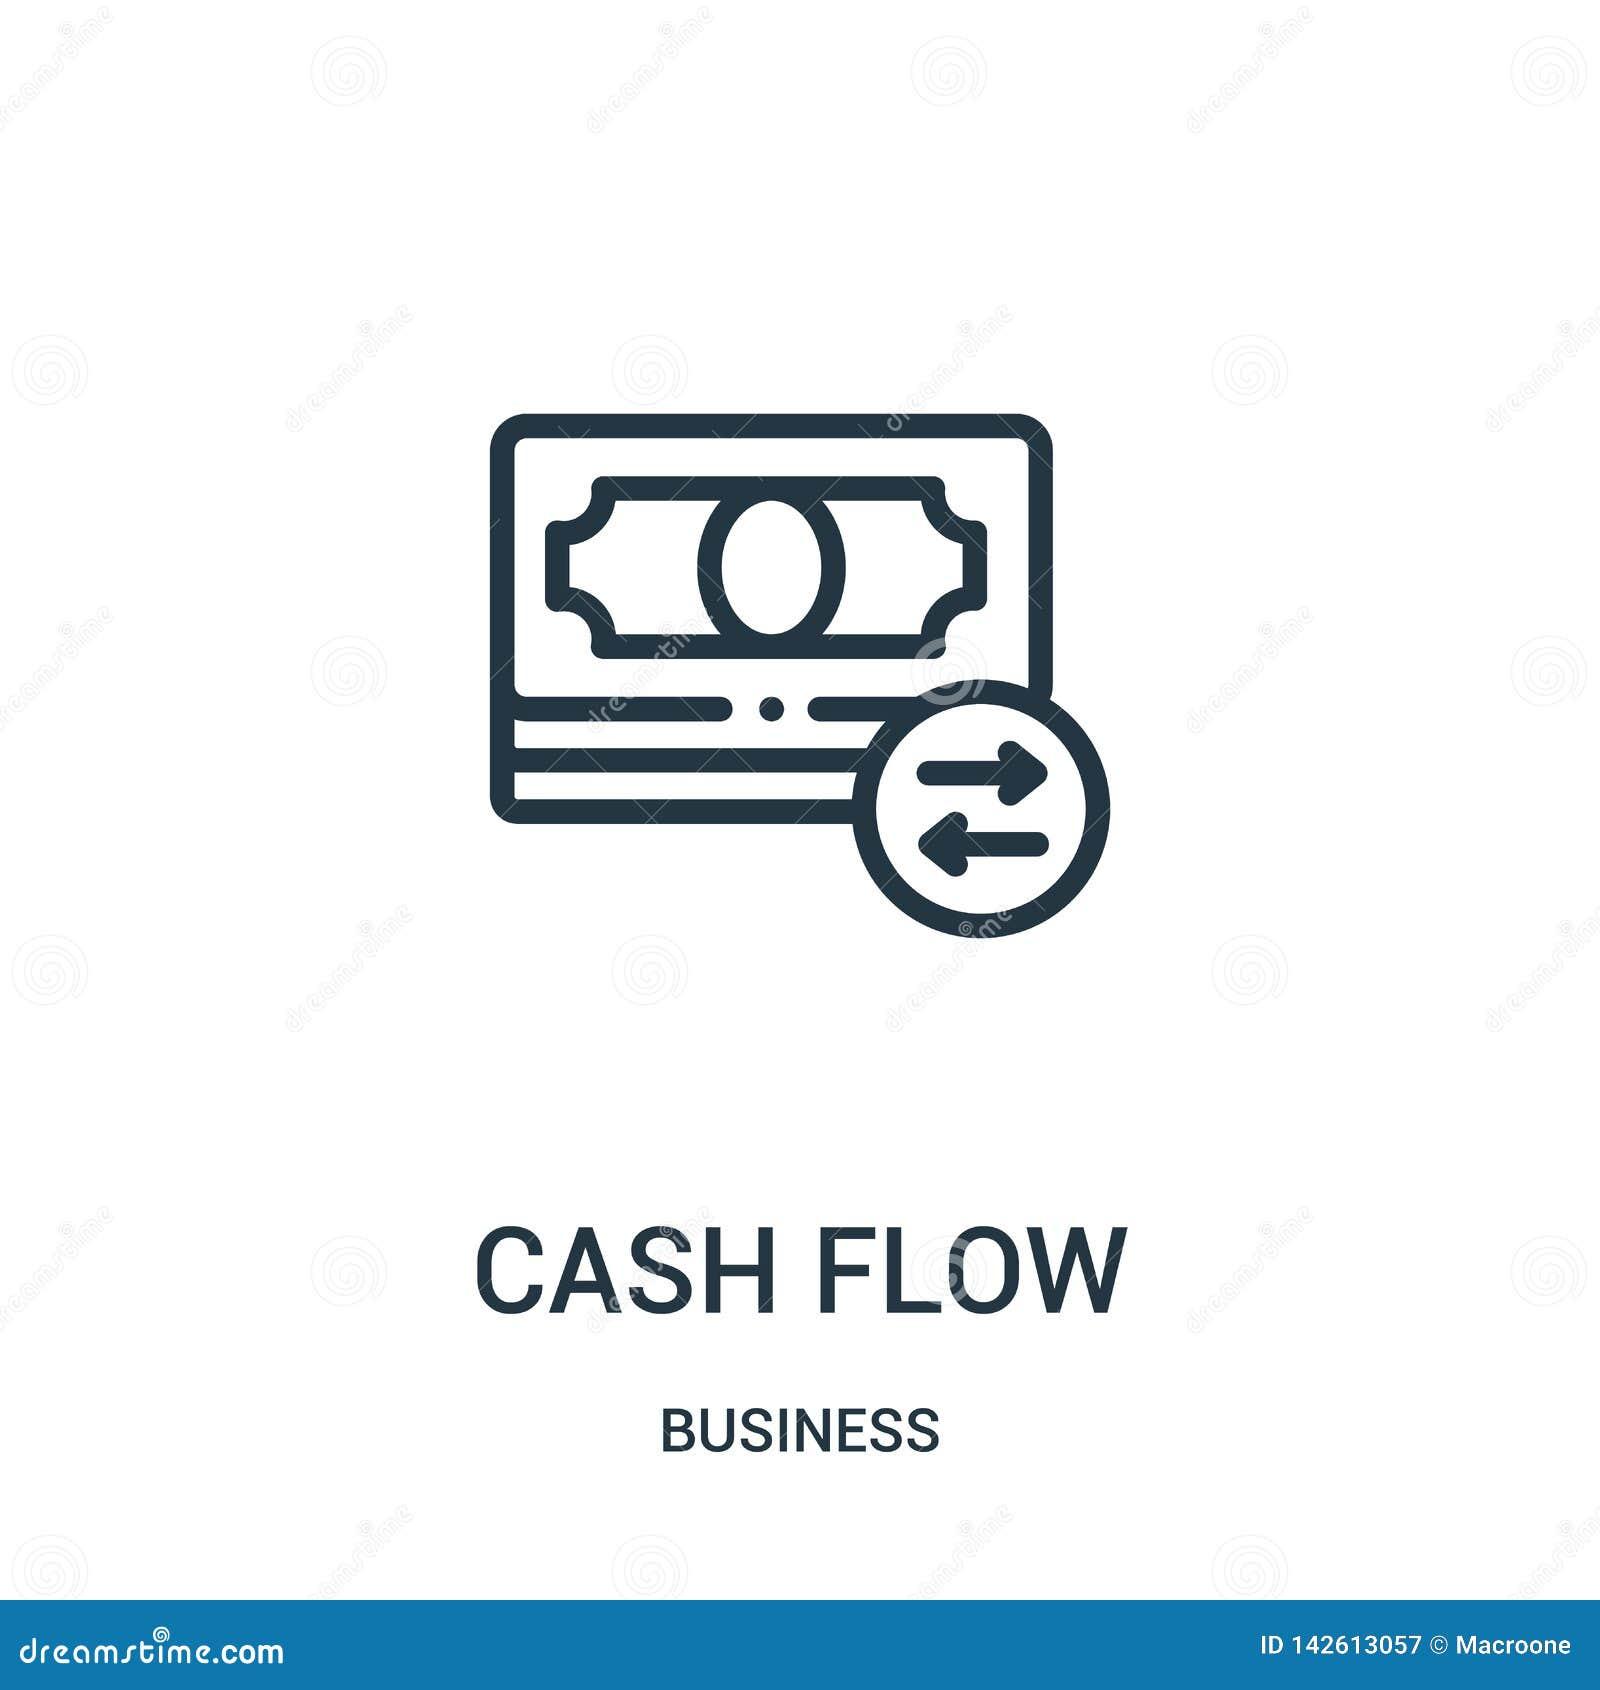 Vetor do ícone do fluxo de caixa da coleção do negócio Linha fina ilustração do vetor do ícone do esboço do fluxo de caixa S?mbol